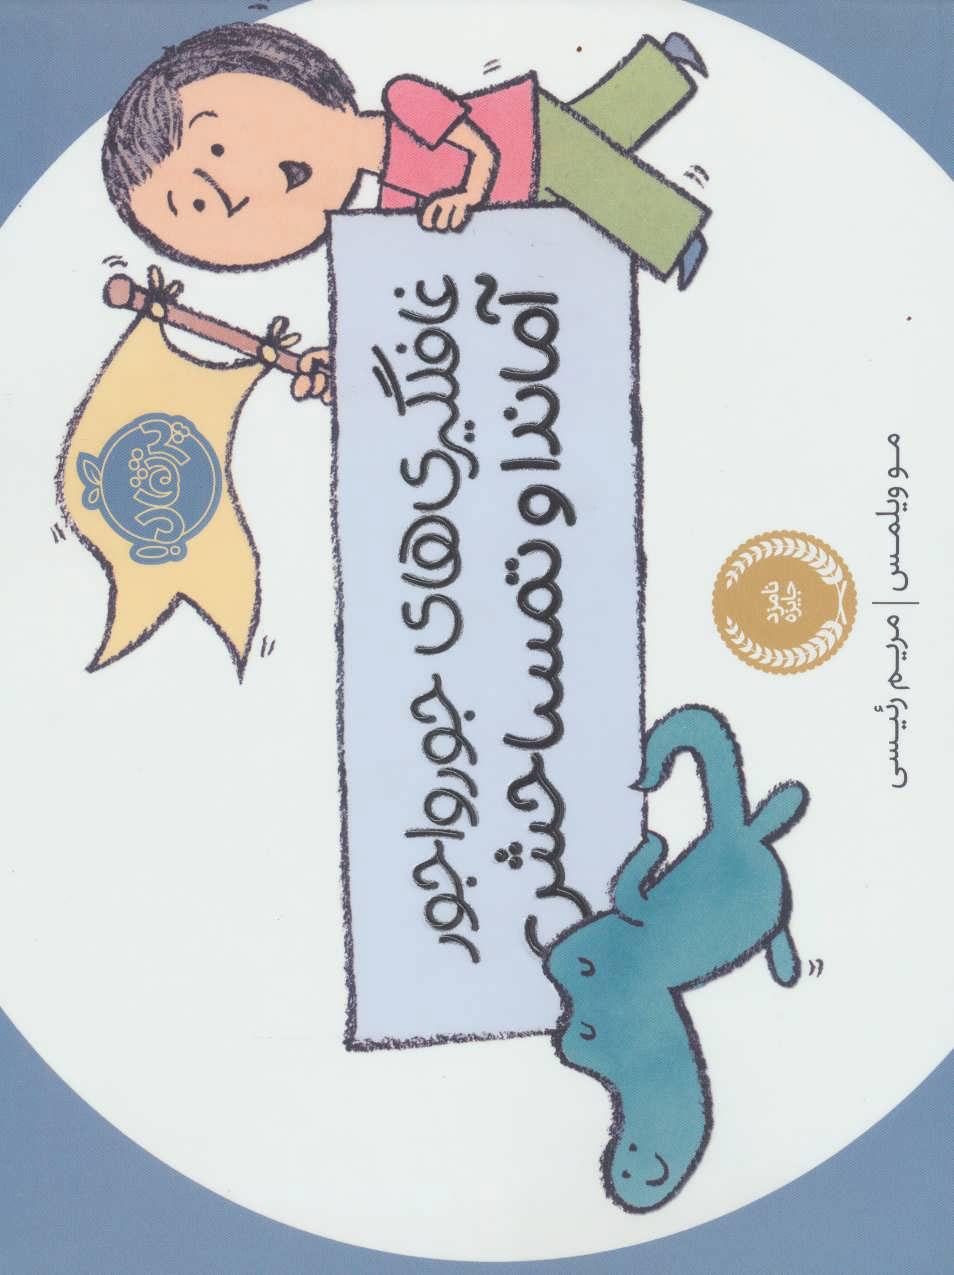 کتاب غافلگیری های جورواجور آماندا و تمساحش